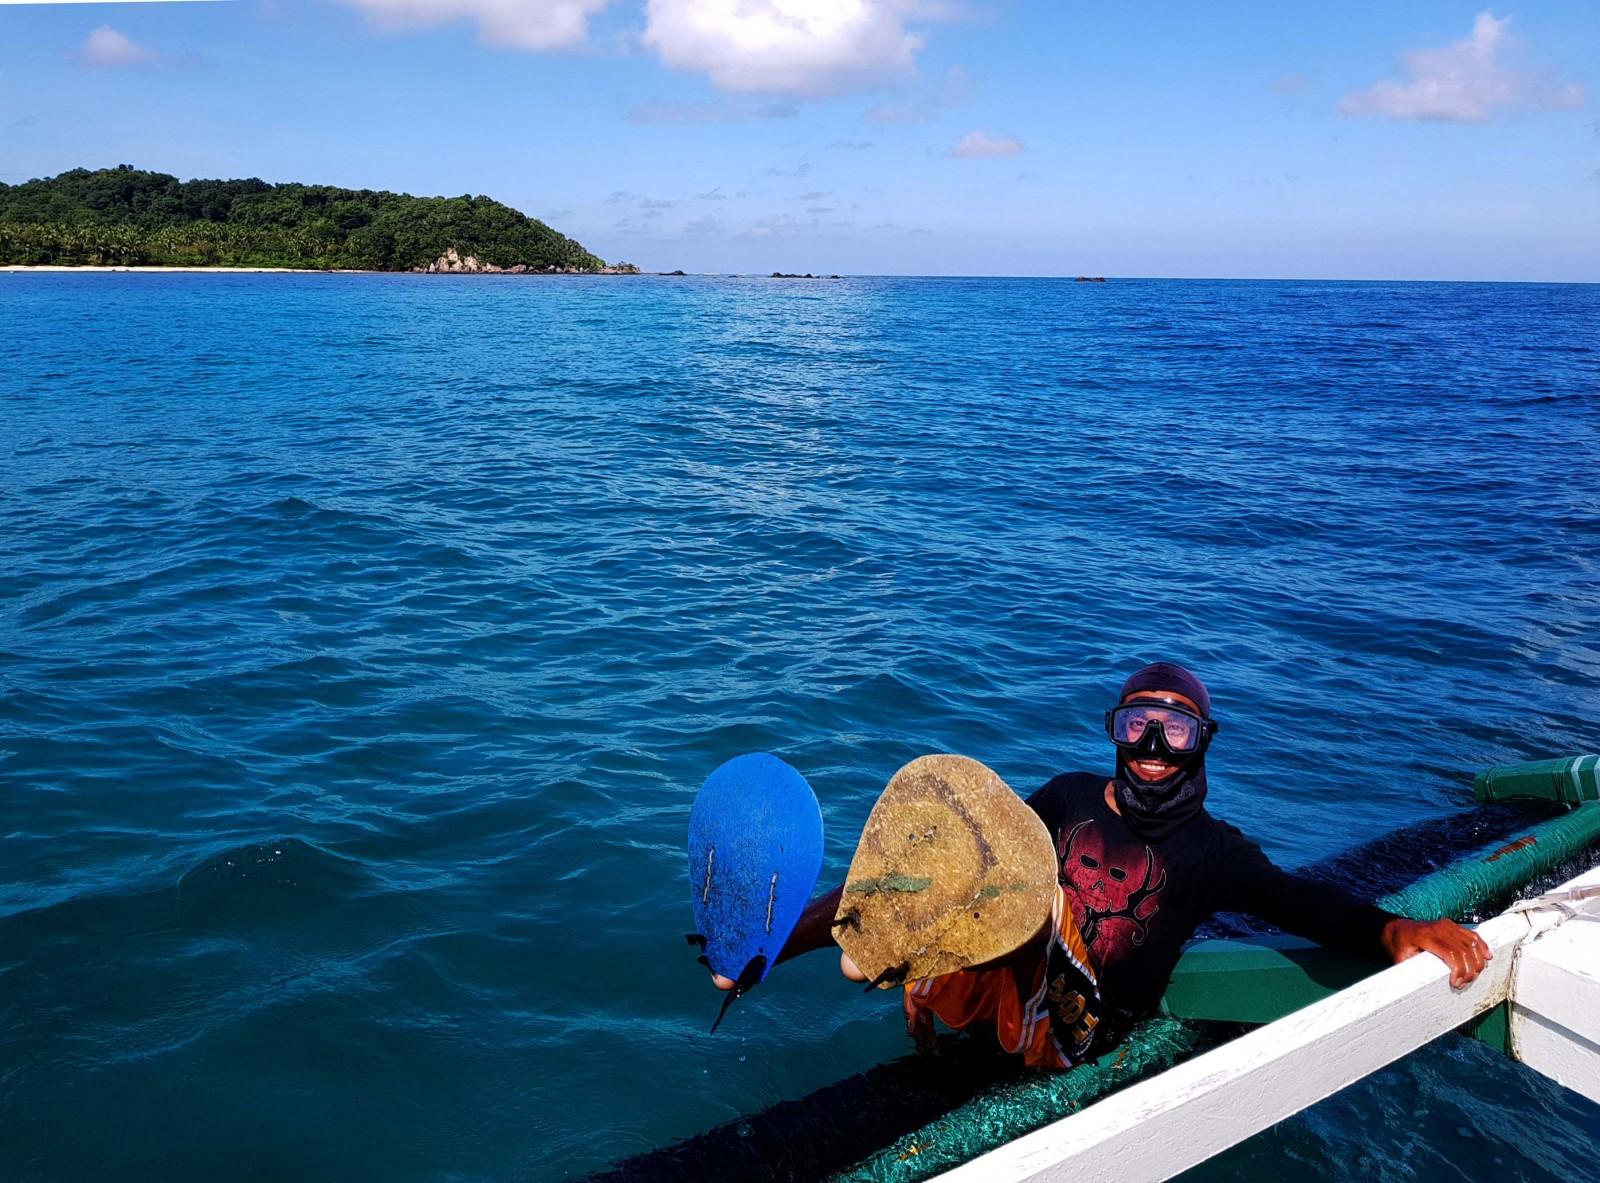 dugong-dive-by-gregg-yan-1.jpg